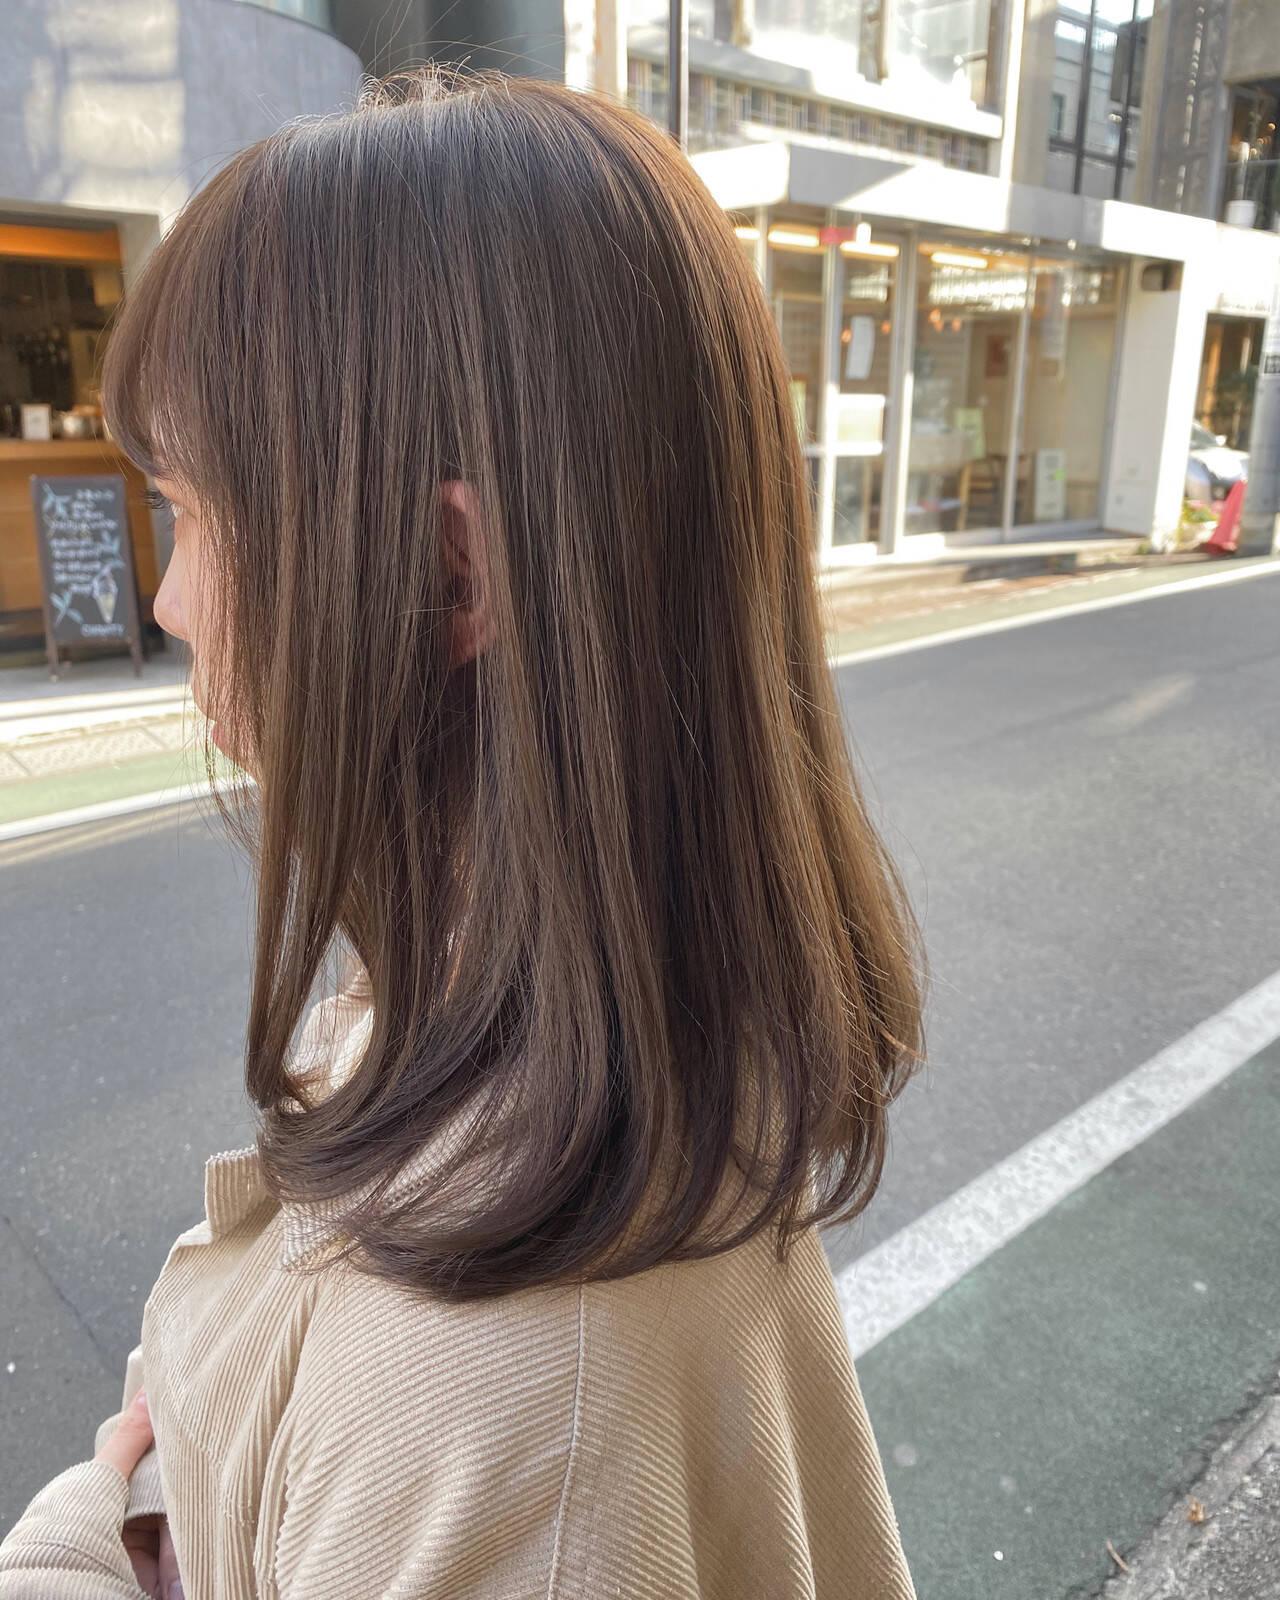 ミルクティーベージュ セミロング グレージュ ミルクティーグレージュヘアスタイルや髪型の写真・画像